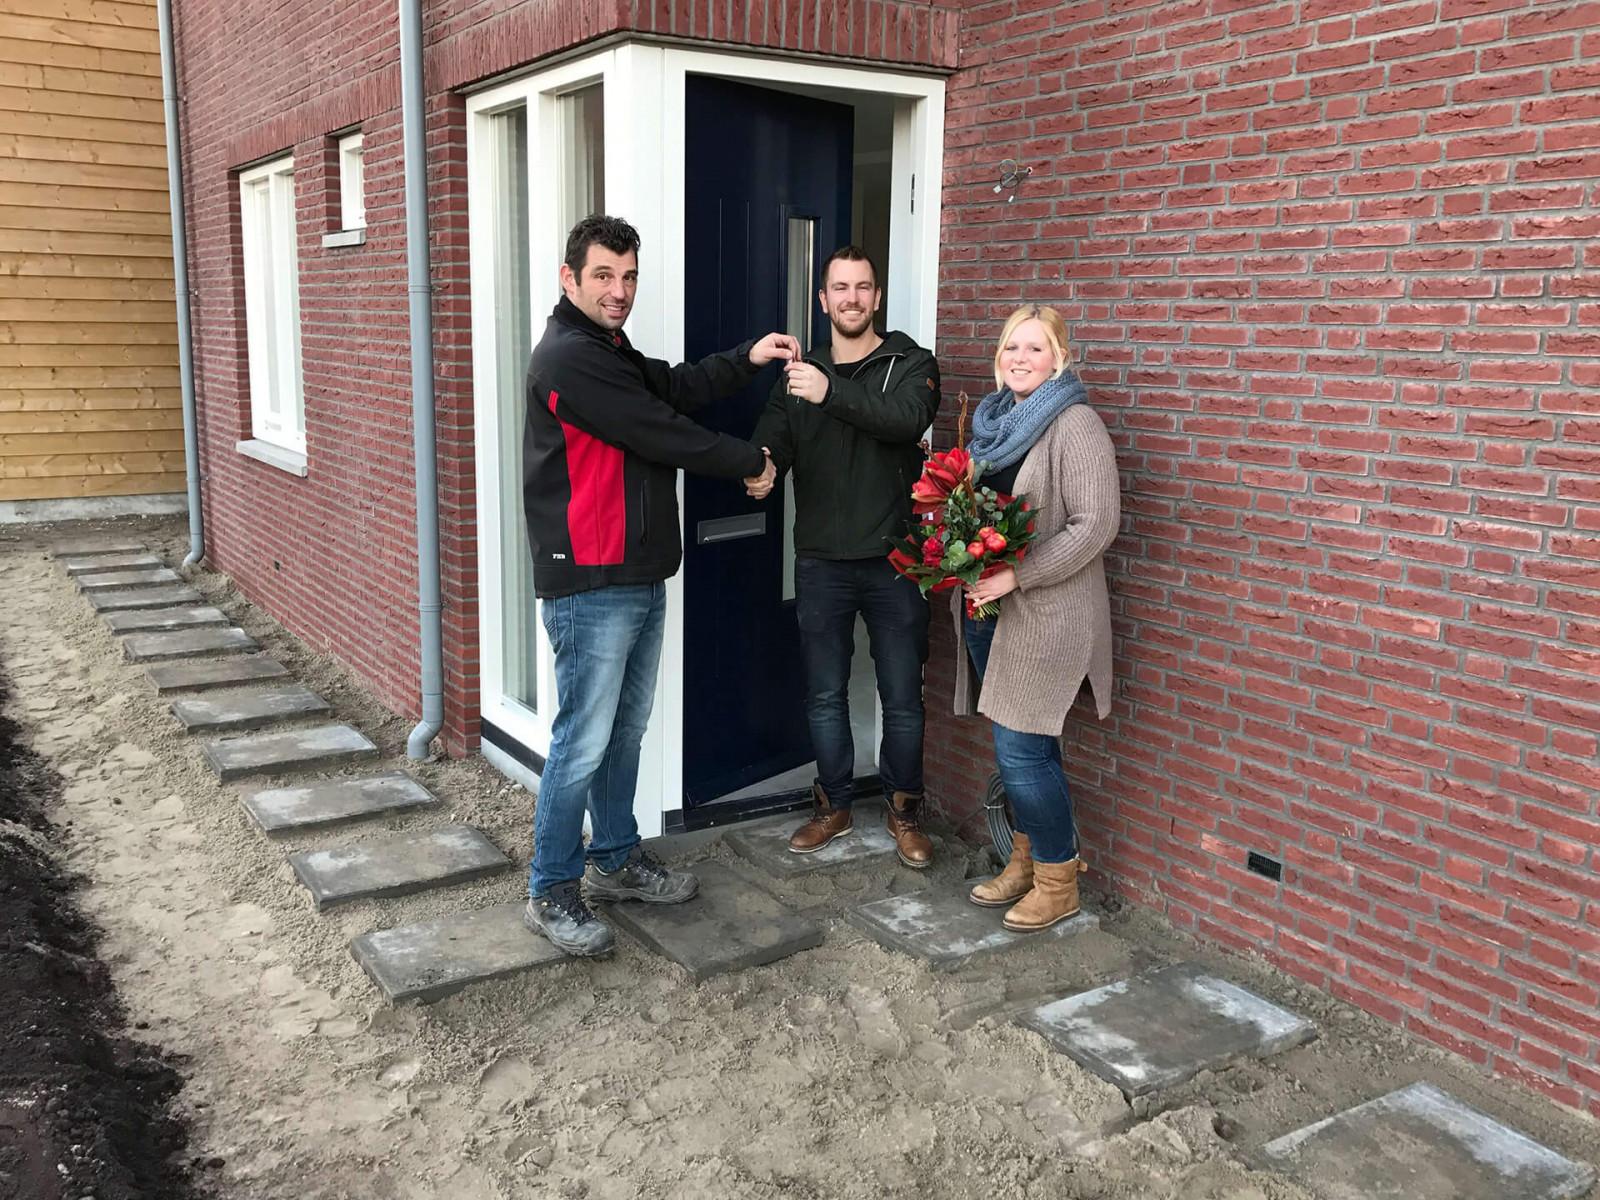 Nieuwbouw woningen Hofwegen 25 a en B Meerkerk Bouwprojecten sleuteloverdracht liggend